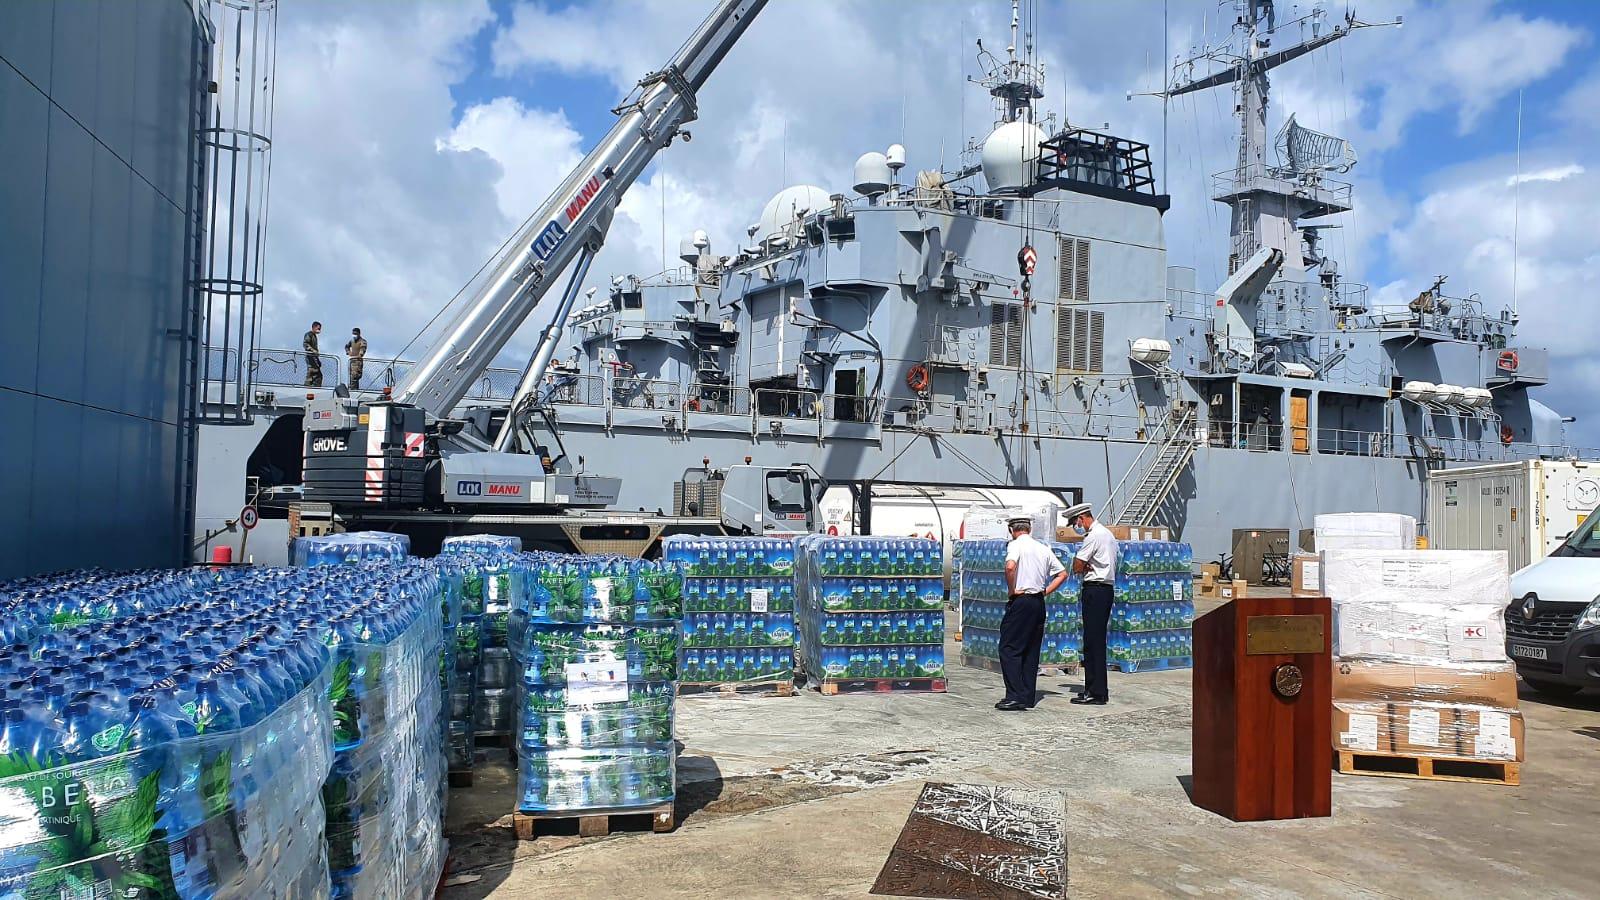 Séisme à Haïti : la marine nationale transporte 47 tonnes de dons vers Haïti